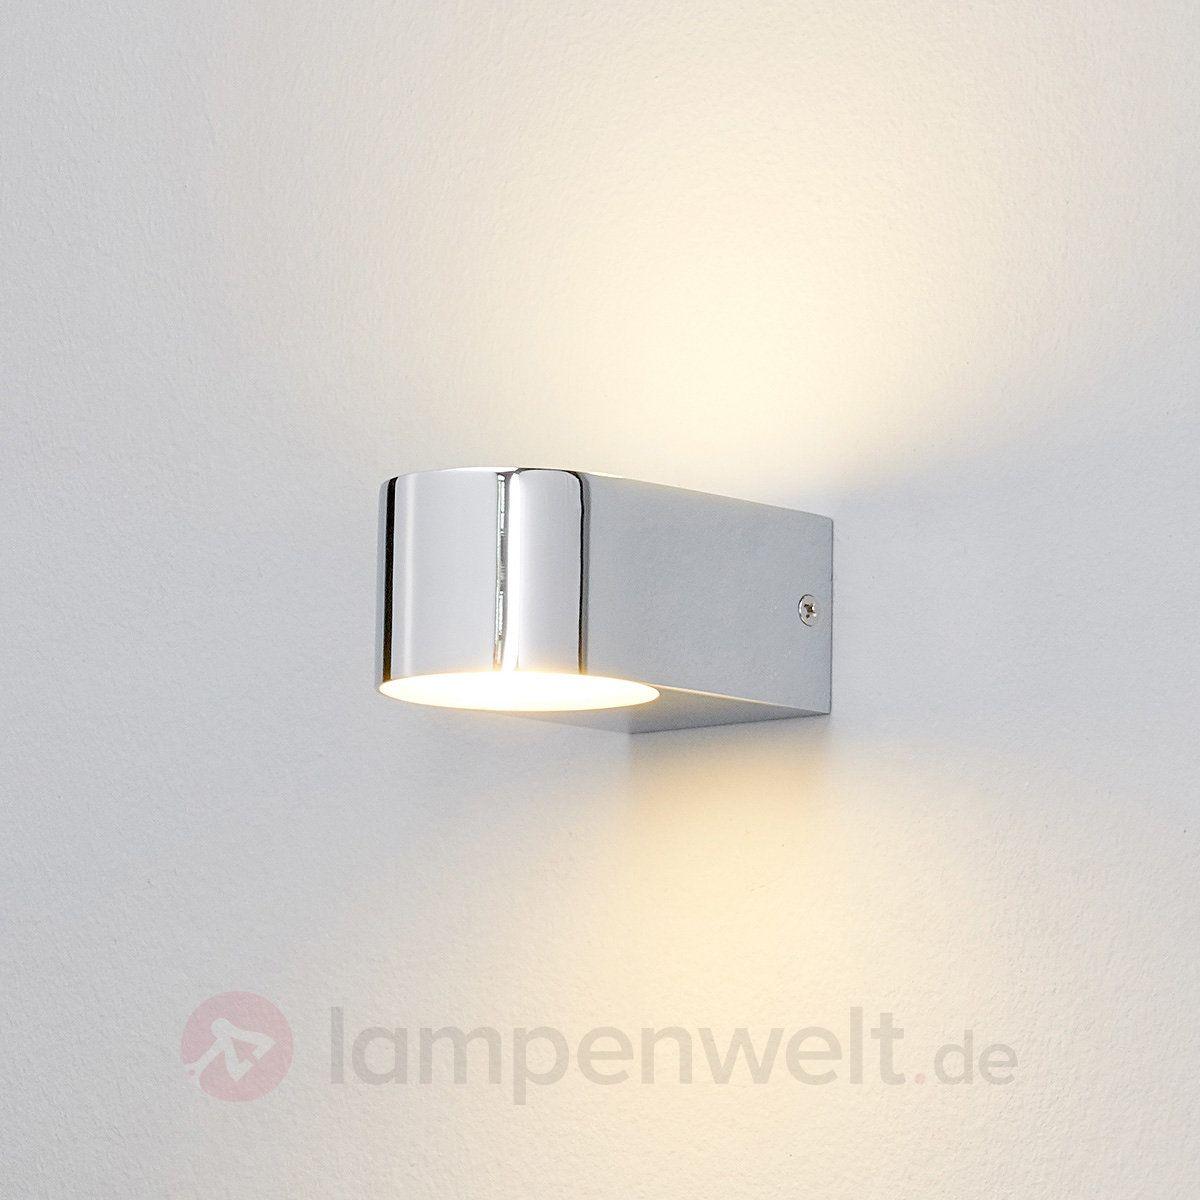 Wandlampe Led Bad Design Wandleuchten Bewegungsmelder Wandlampe Mit Schalter Bad Wandleuchte Kinderzimmer Selber Bauen W Wandleuchte Led Led Wandlampen